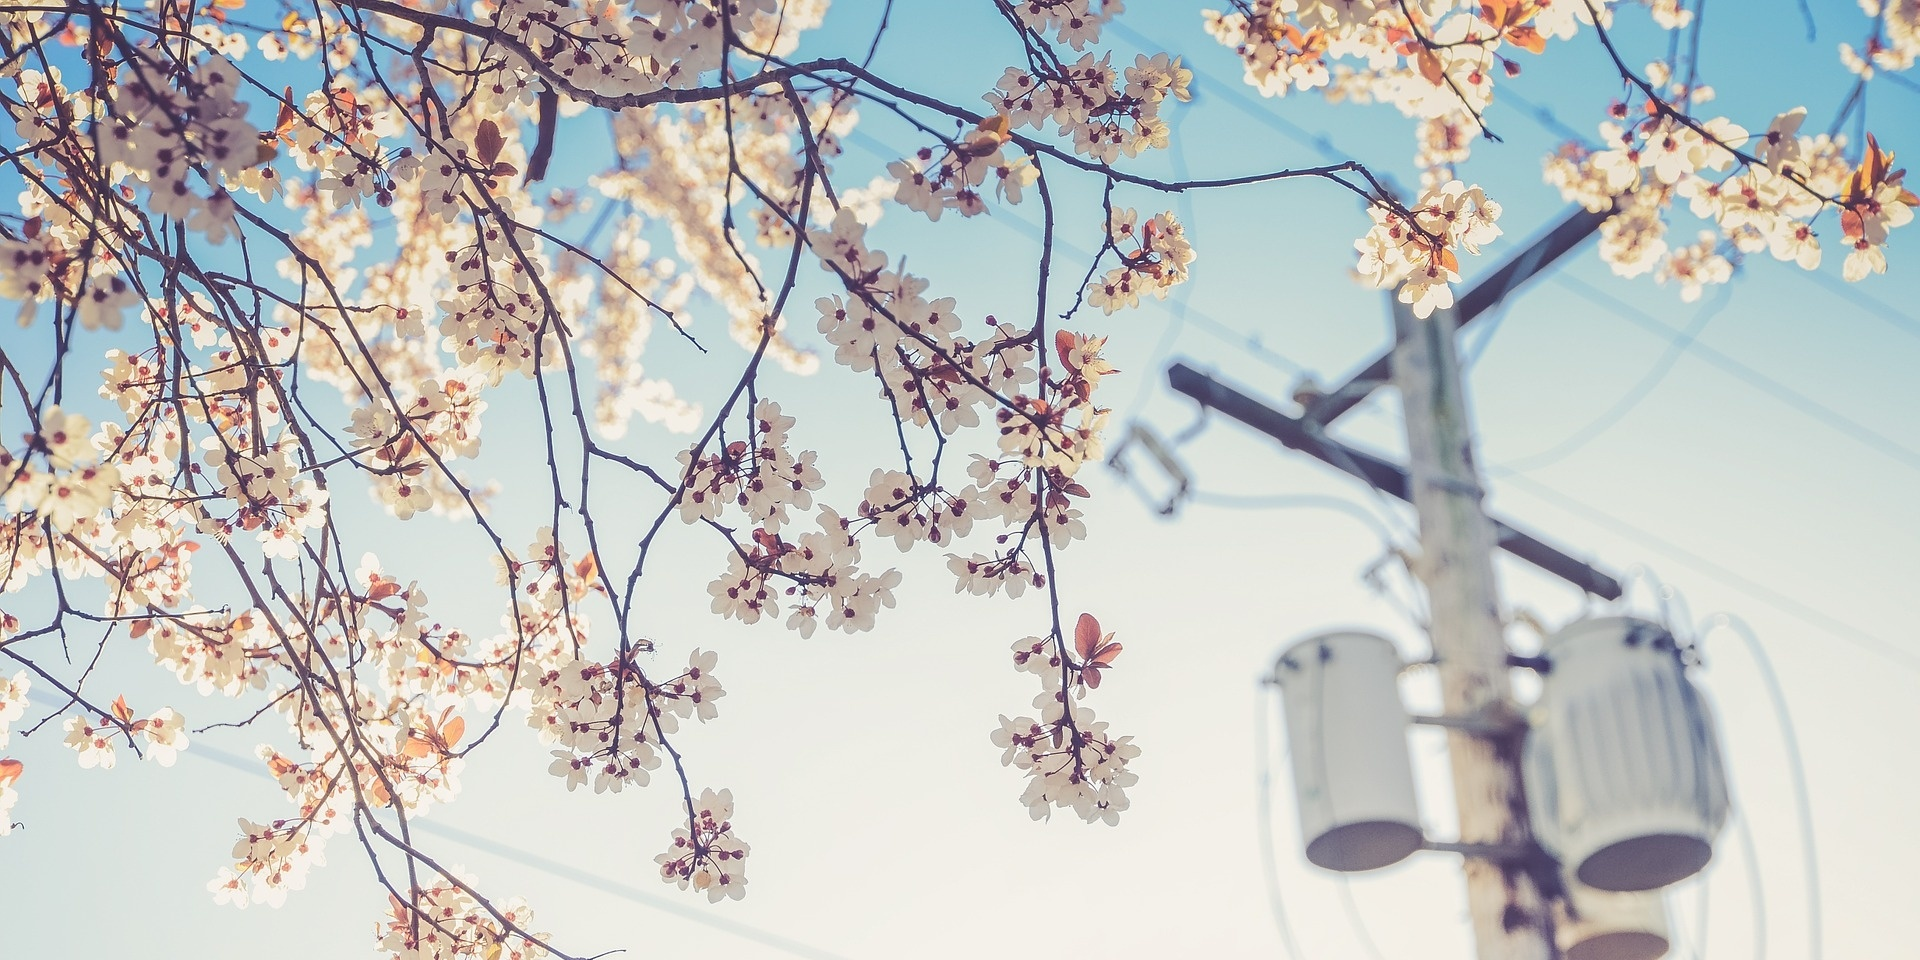 powerlines-flowers-240671-edited.jpg